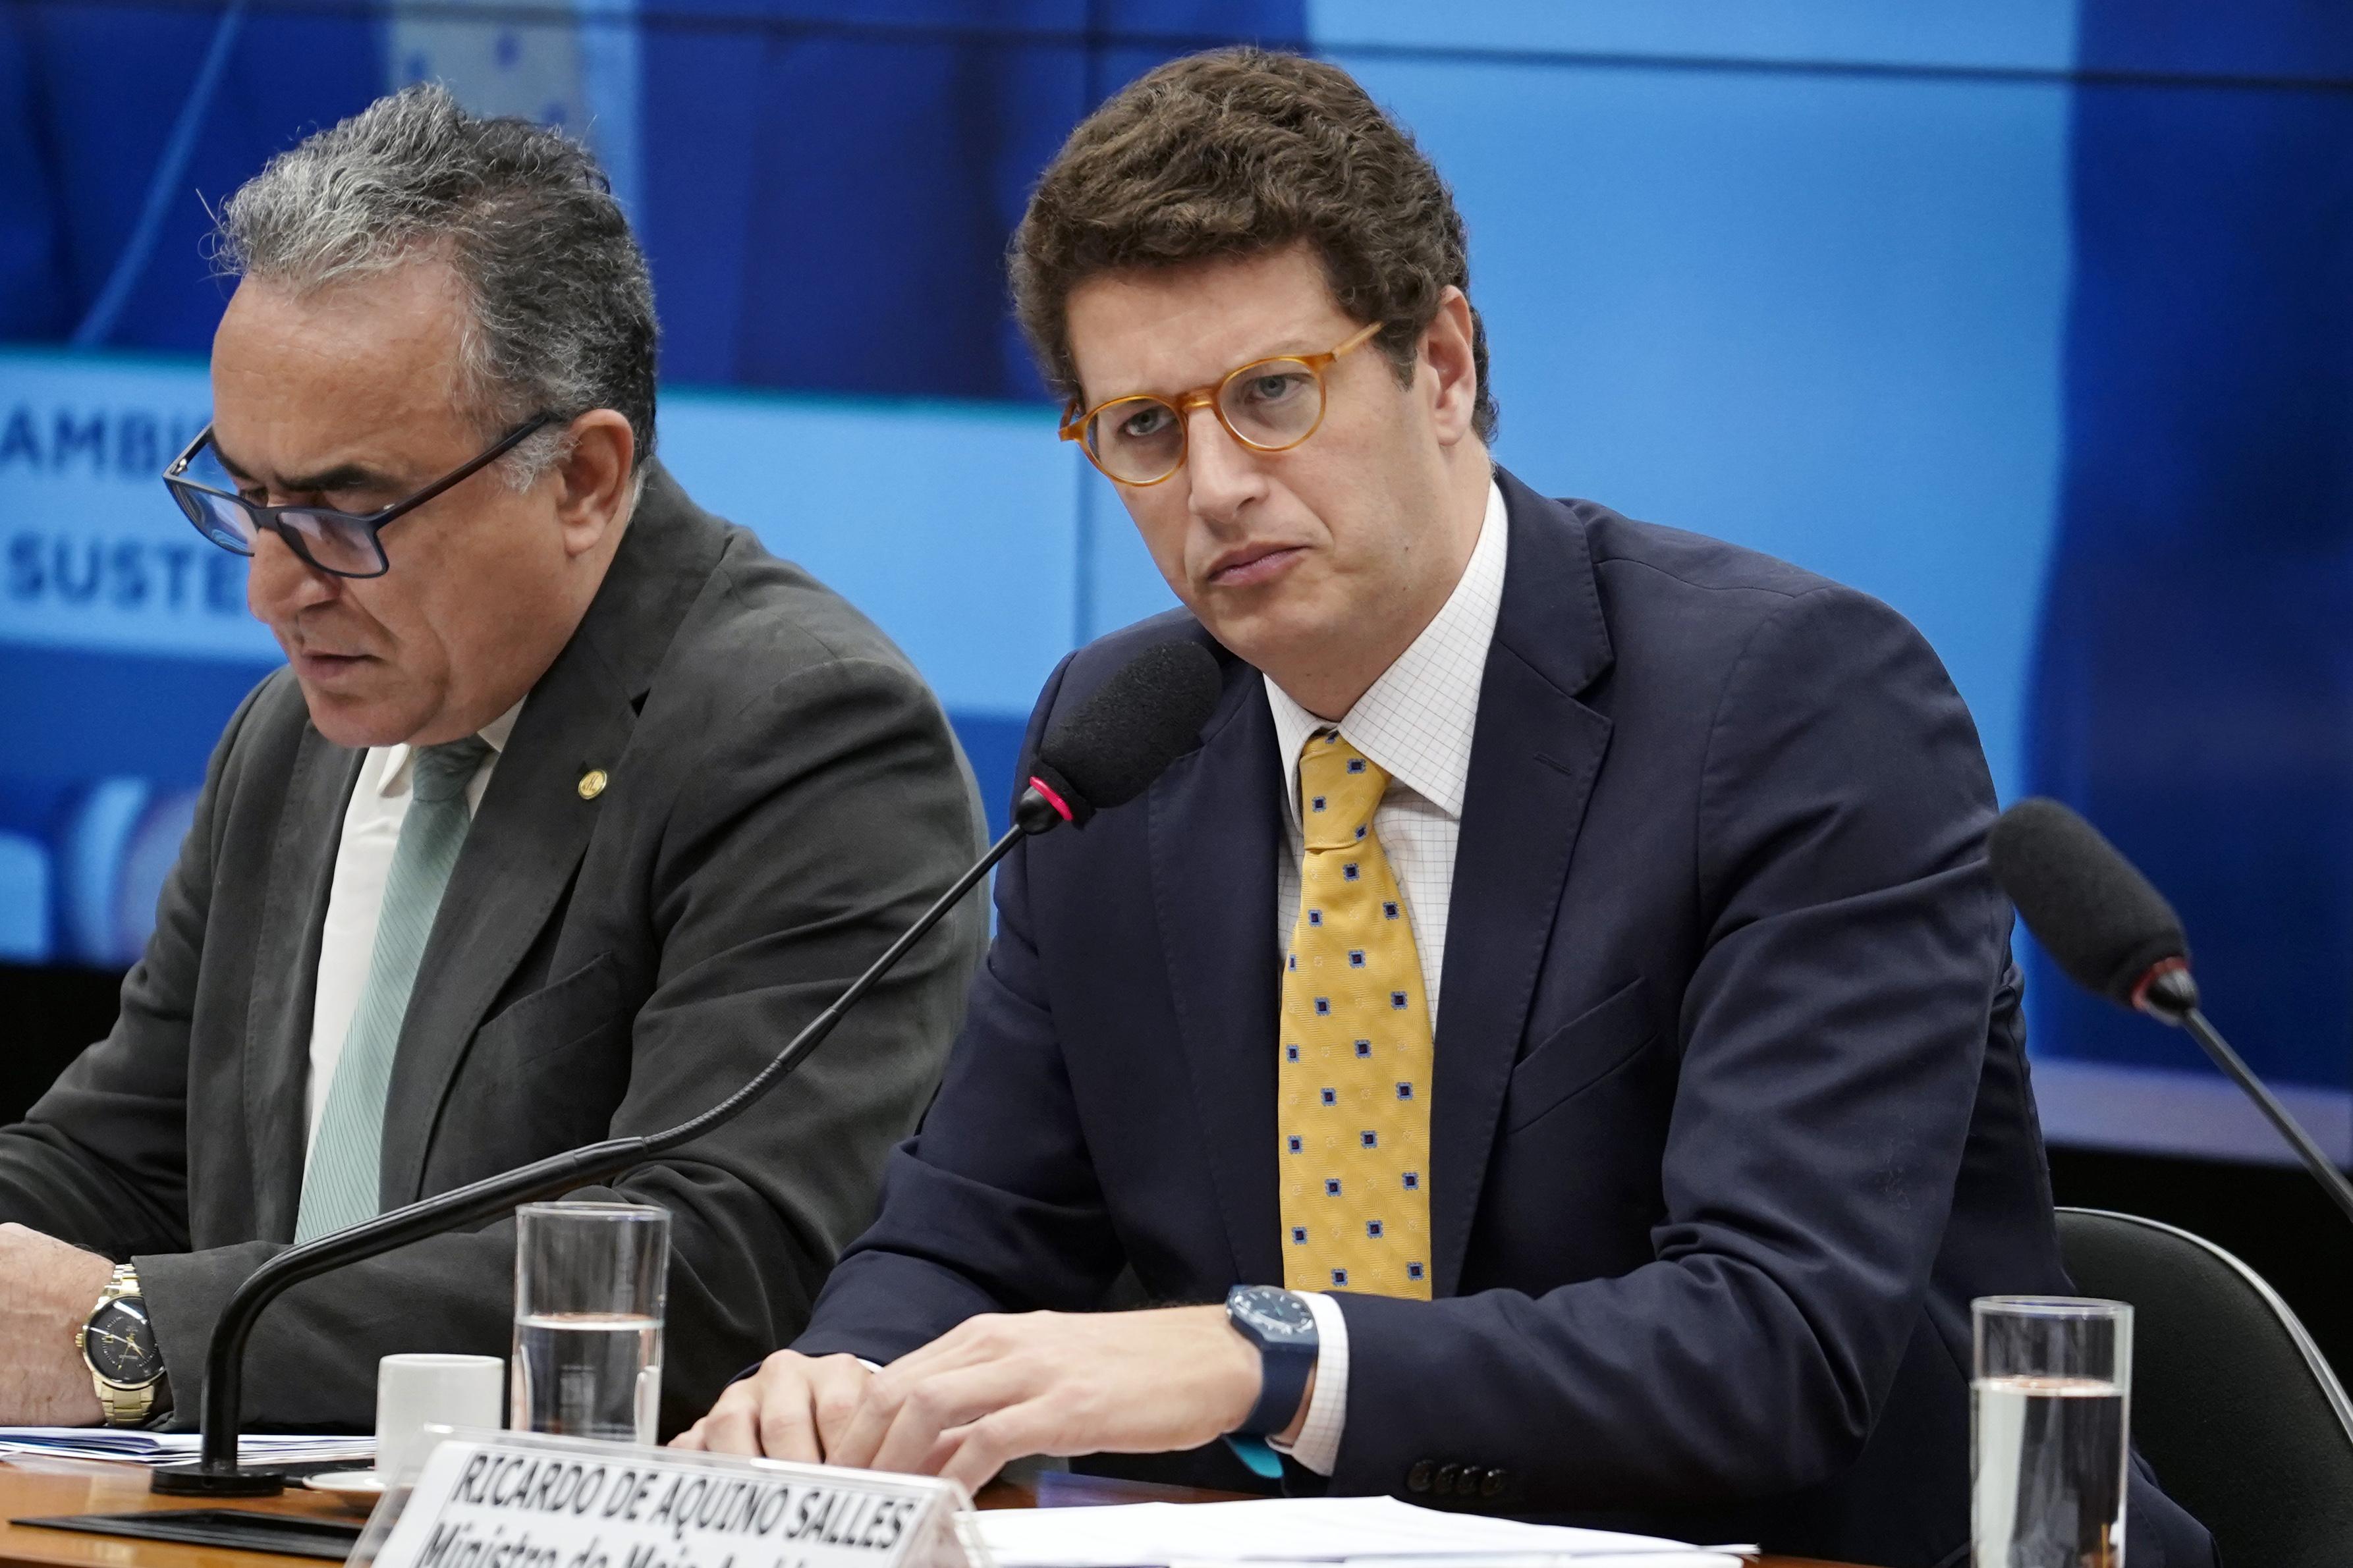 Audiência pública para esclarecimentos de Novos Procedimentos e Acordos do Ministério do Meio Ambiente. Ministro do Meio Ambiente, Ricardo de Aquino Salles